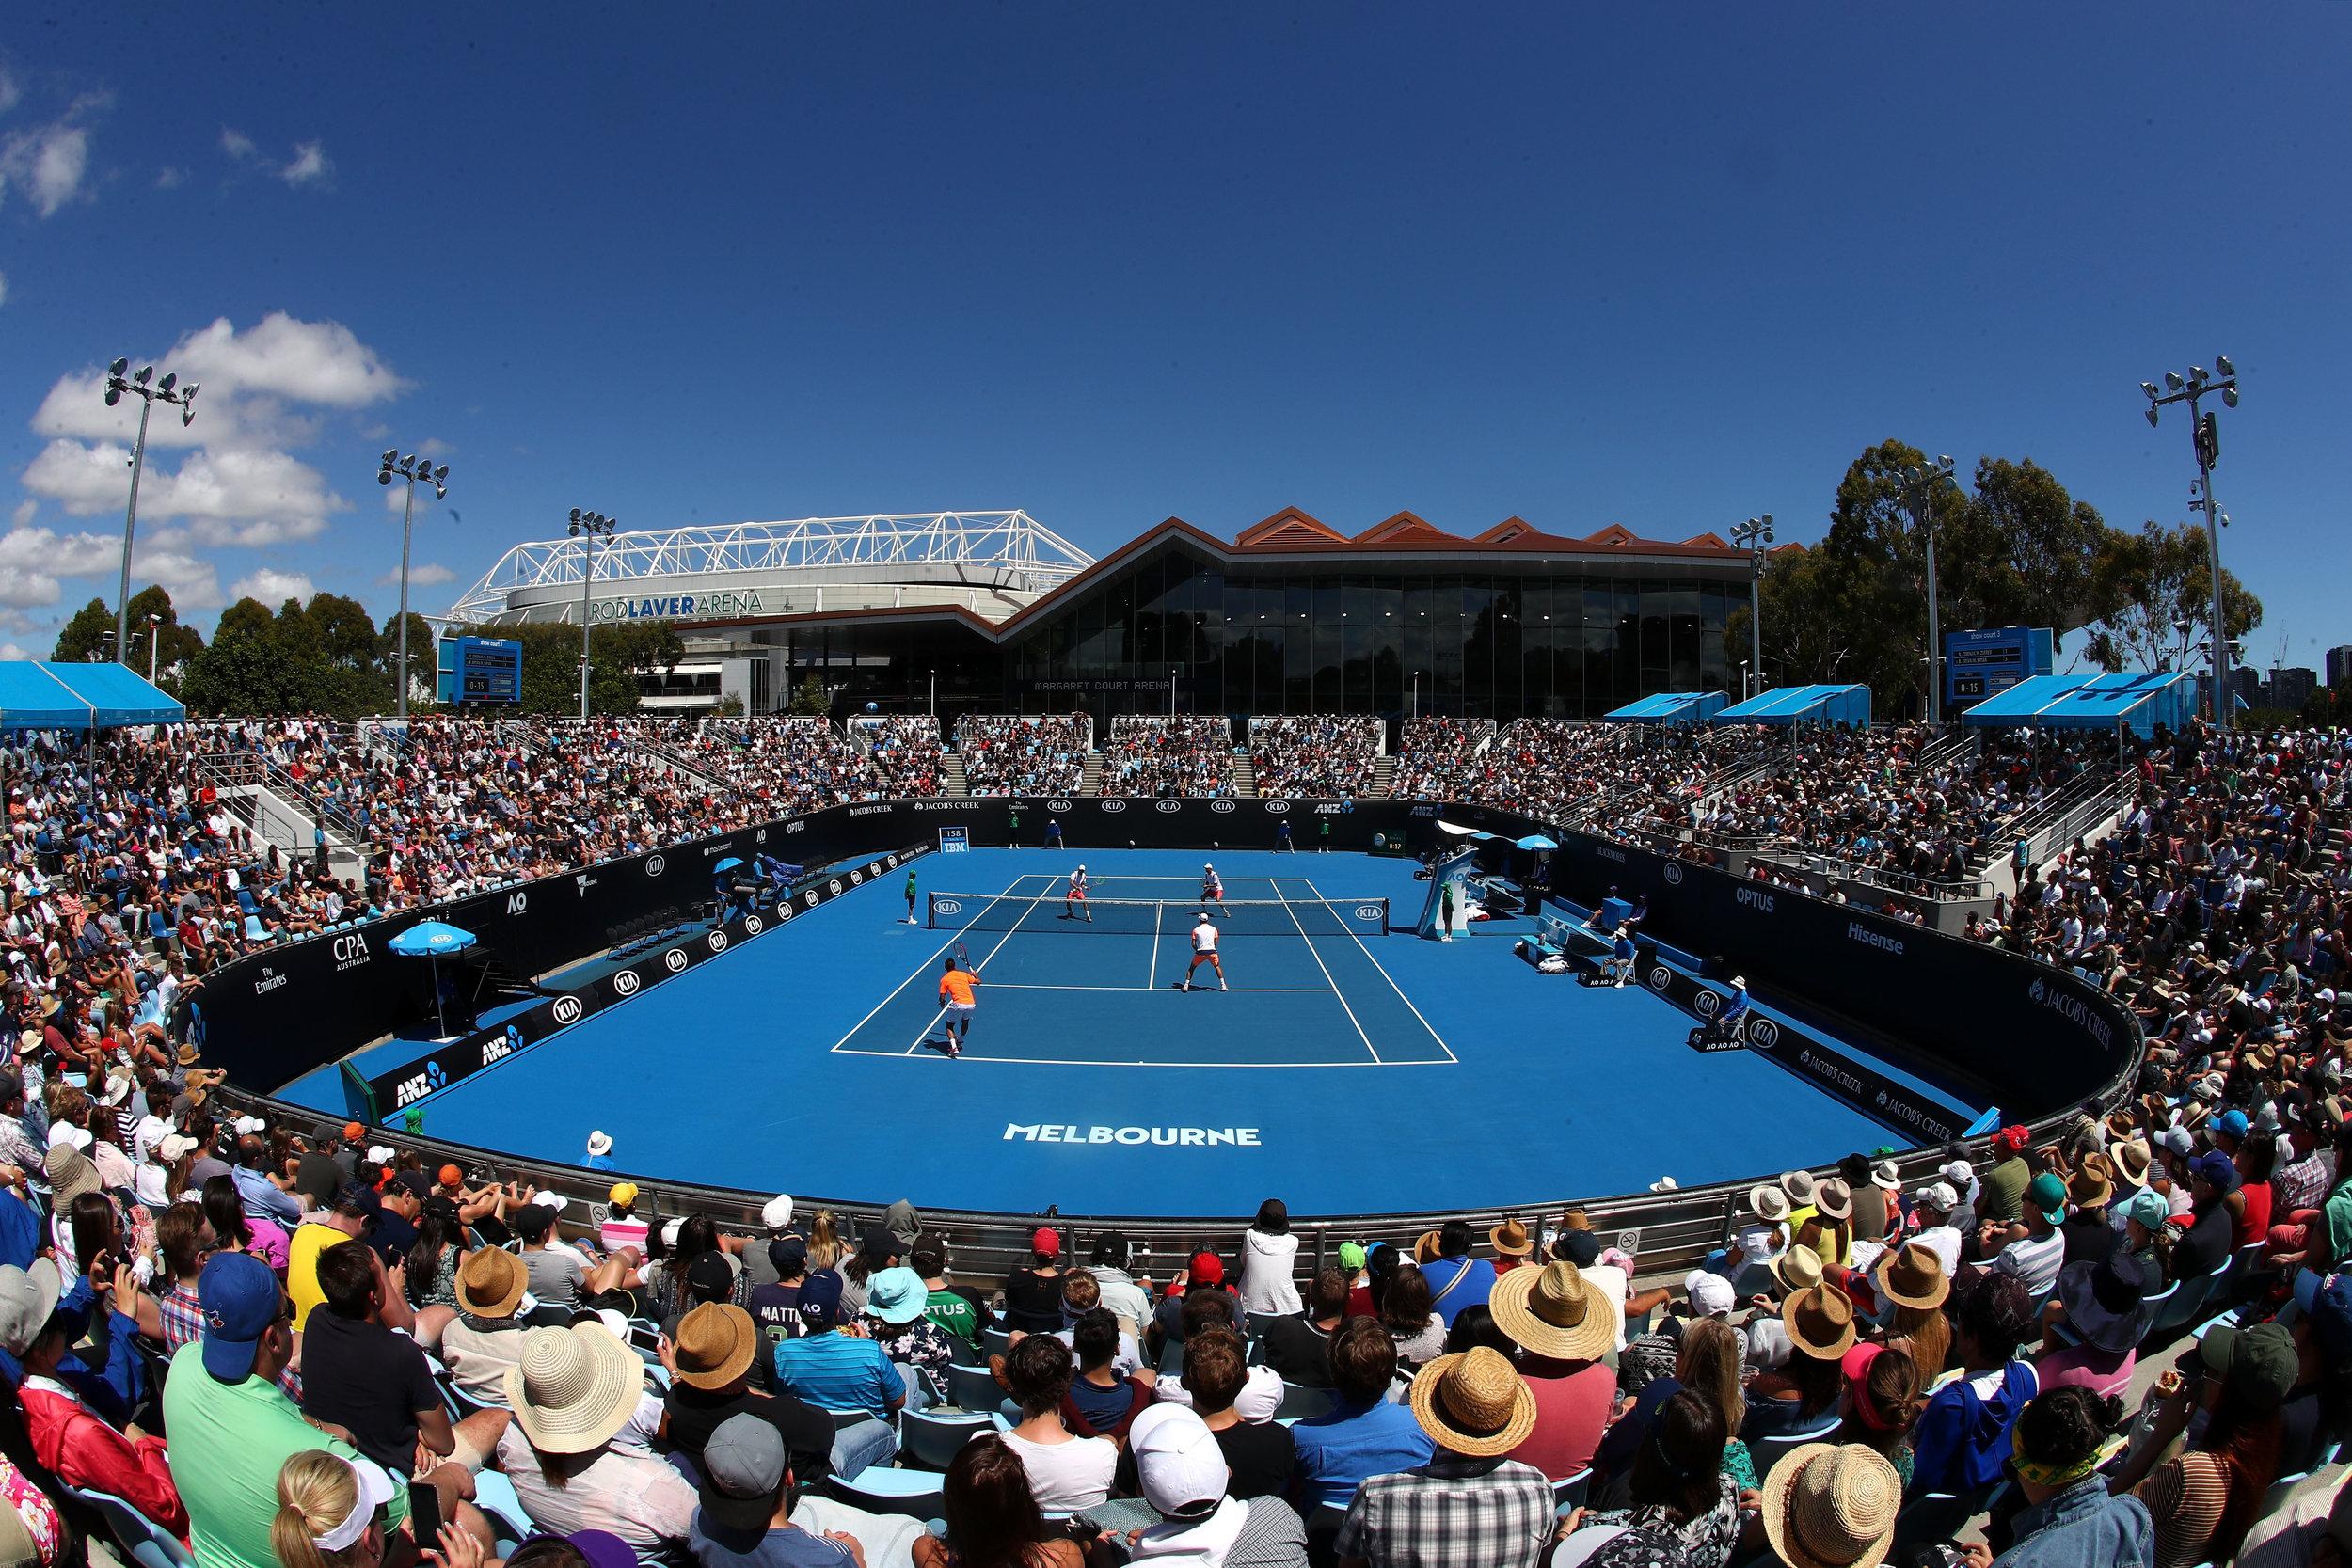 Court 3 at Melbourne Park